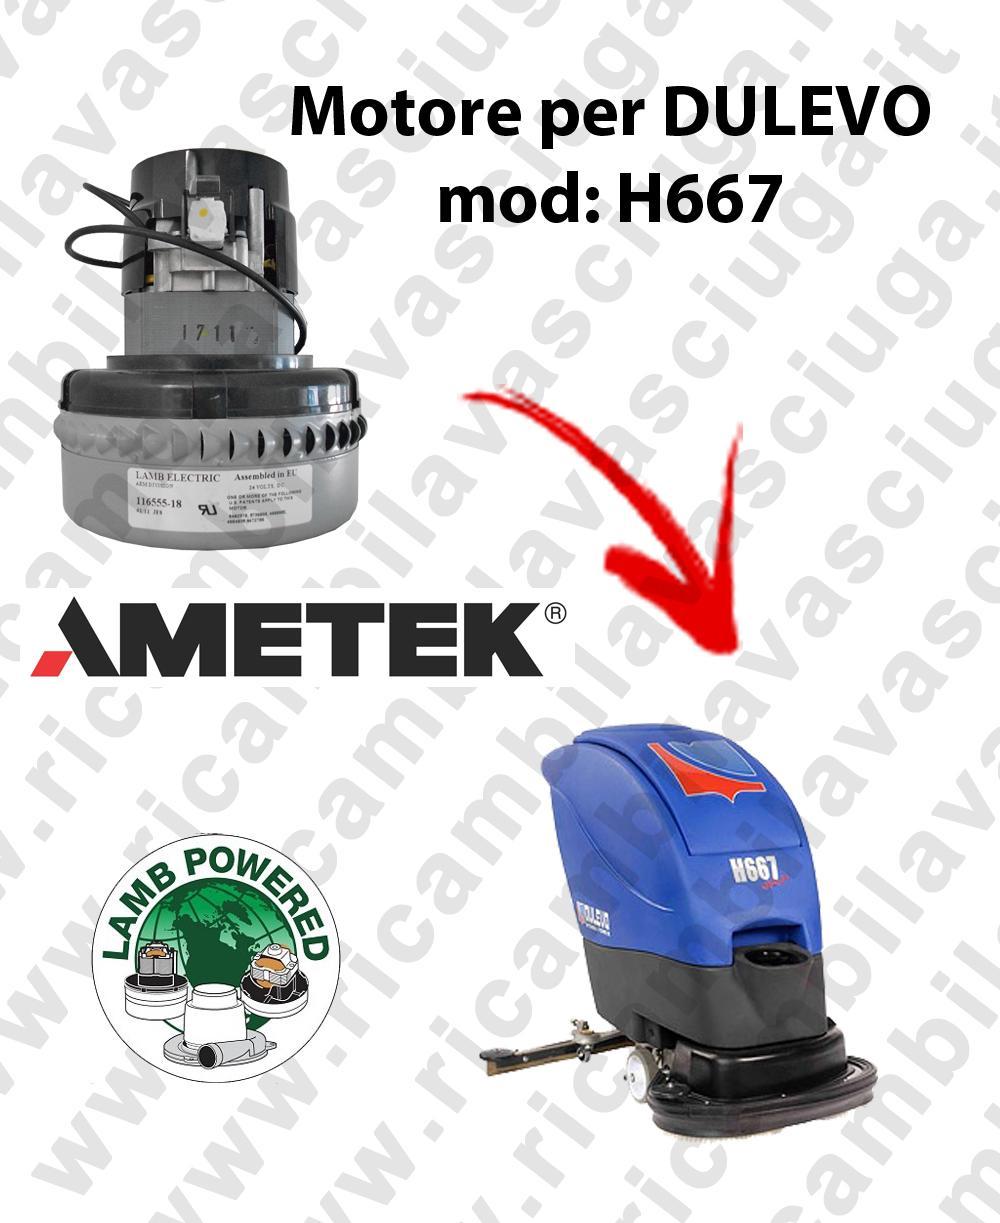 H667 MOTORE LAMB AMETEK di aspirazione per lavapavimenti DULEVO